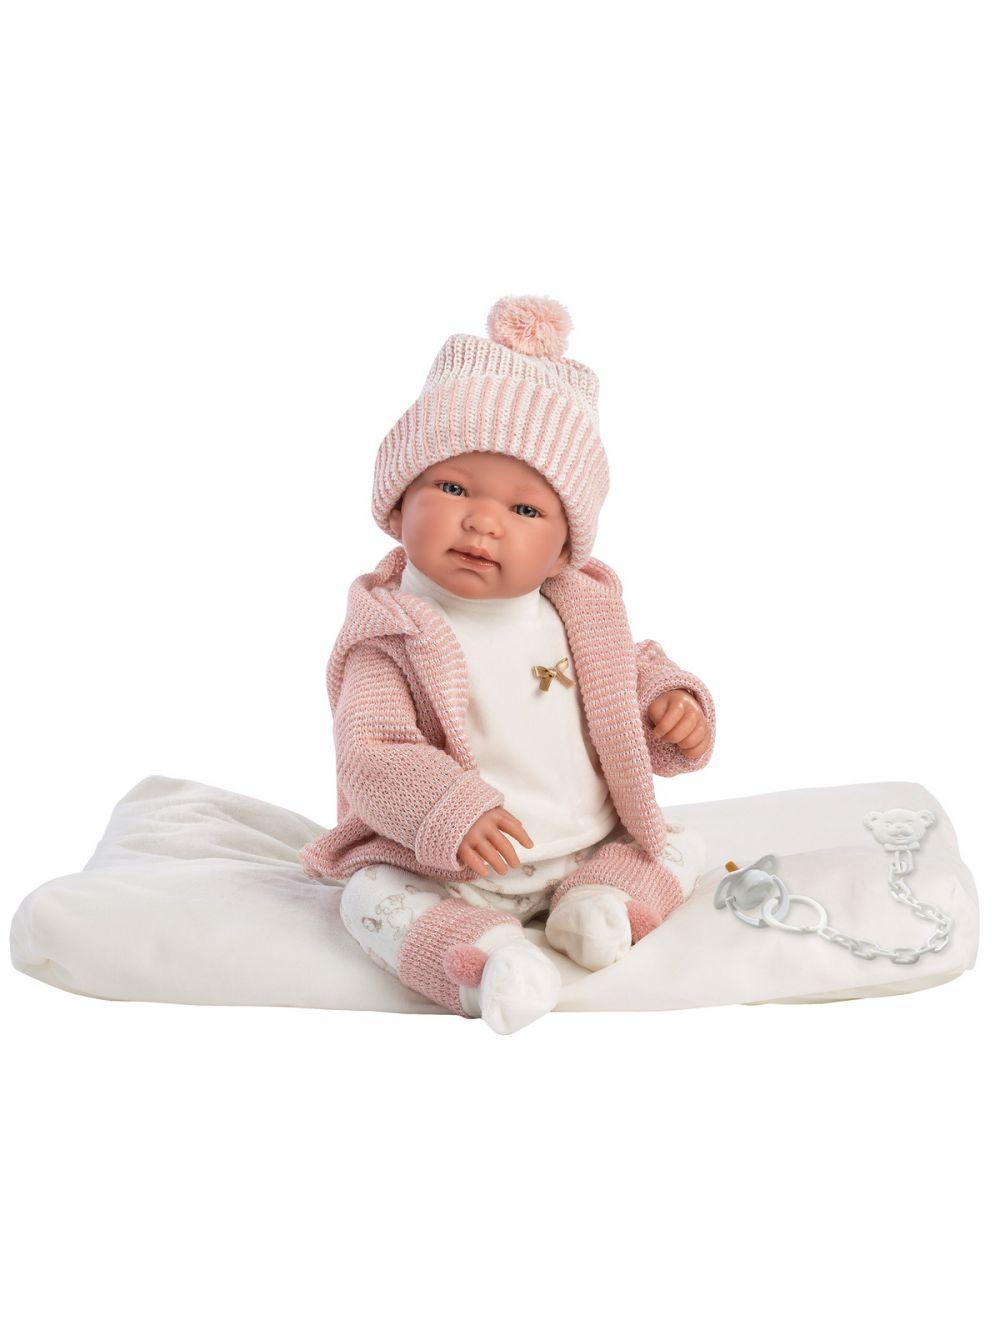 Llorens 84430 Lalka płacząca bobas Tina 44 cm różowa bluza na białym kocyku